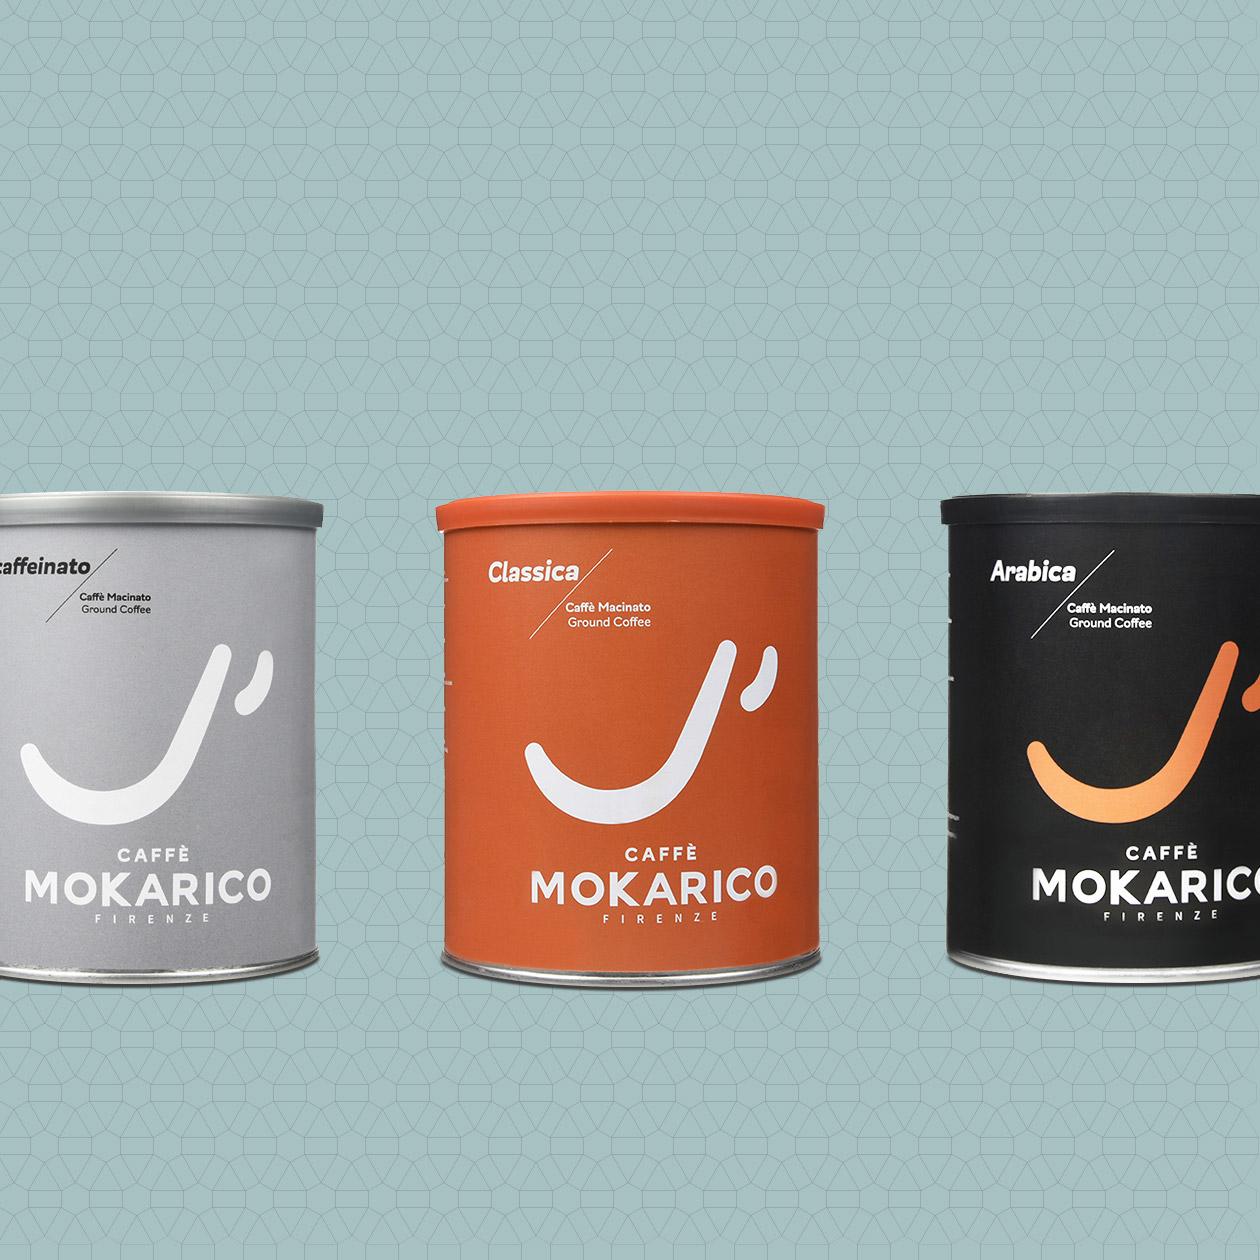 mokaricom packshots